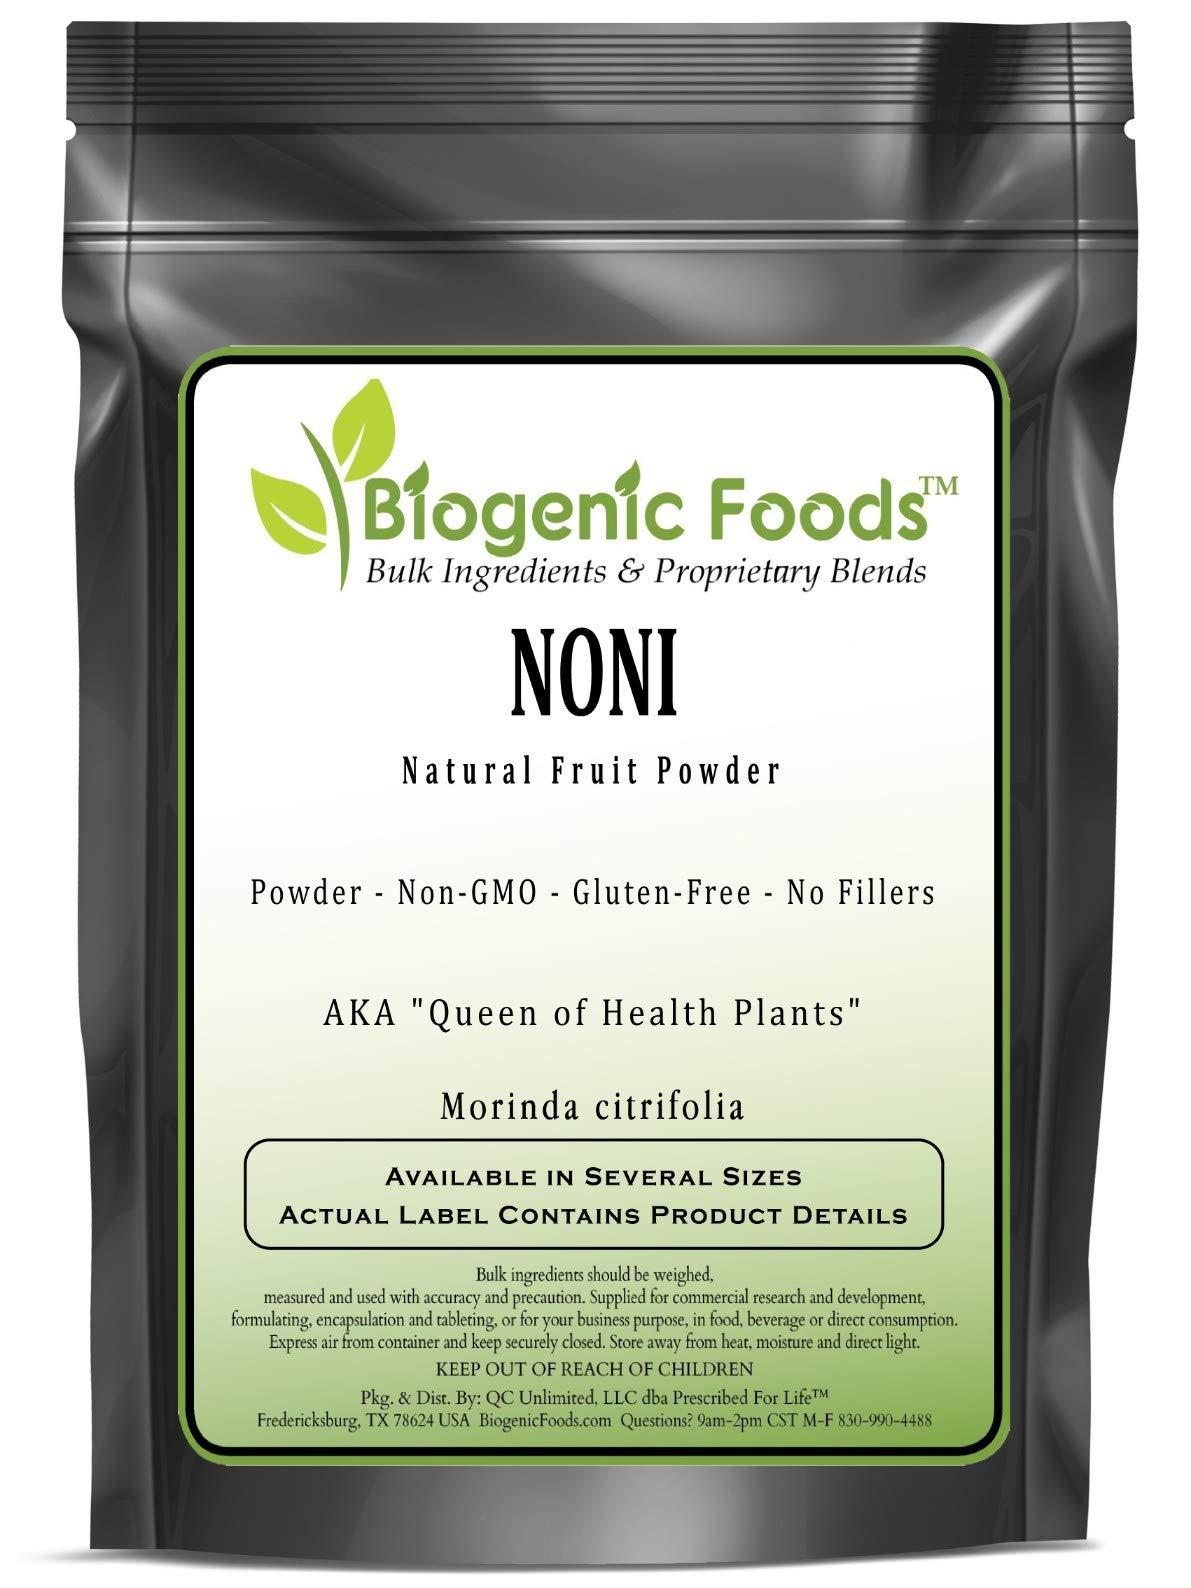 Noni - Natural Fruit Powder (Morinda citrifolia), 10 kg